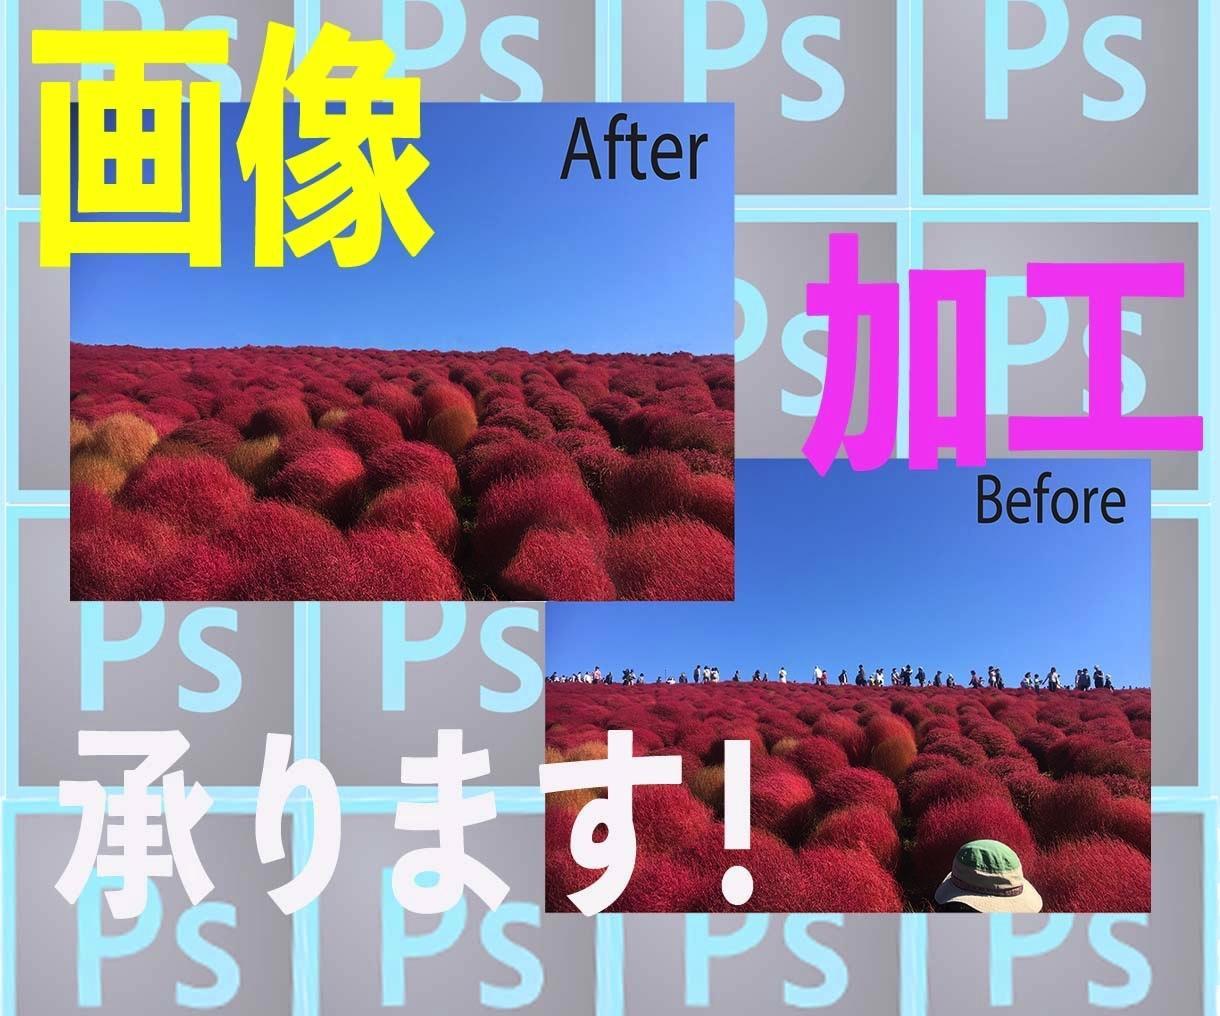 画像の加工、修正致します 画像3枚で1000円で承ります。お気軽にご相談ください。